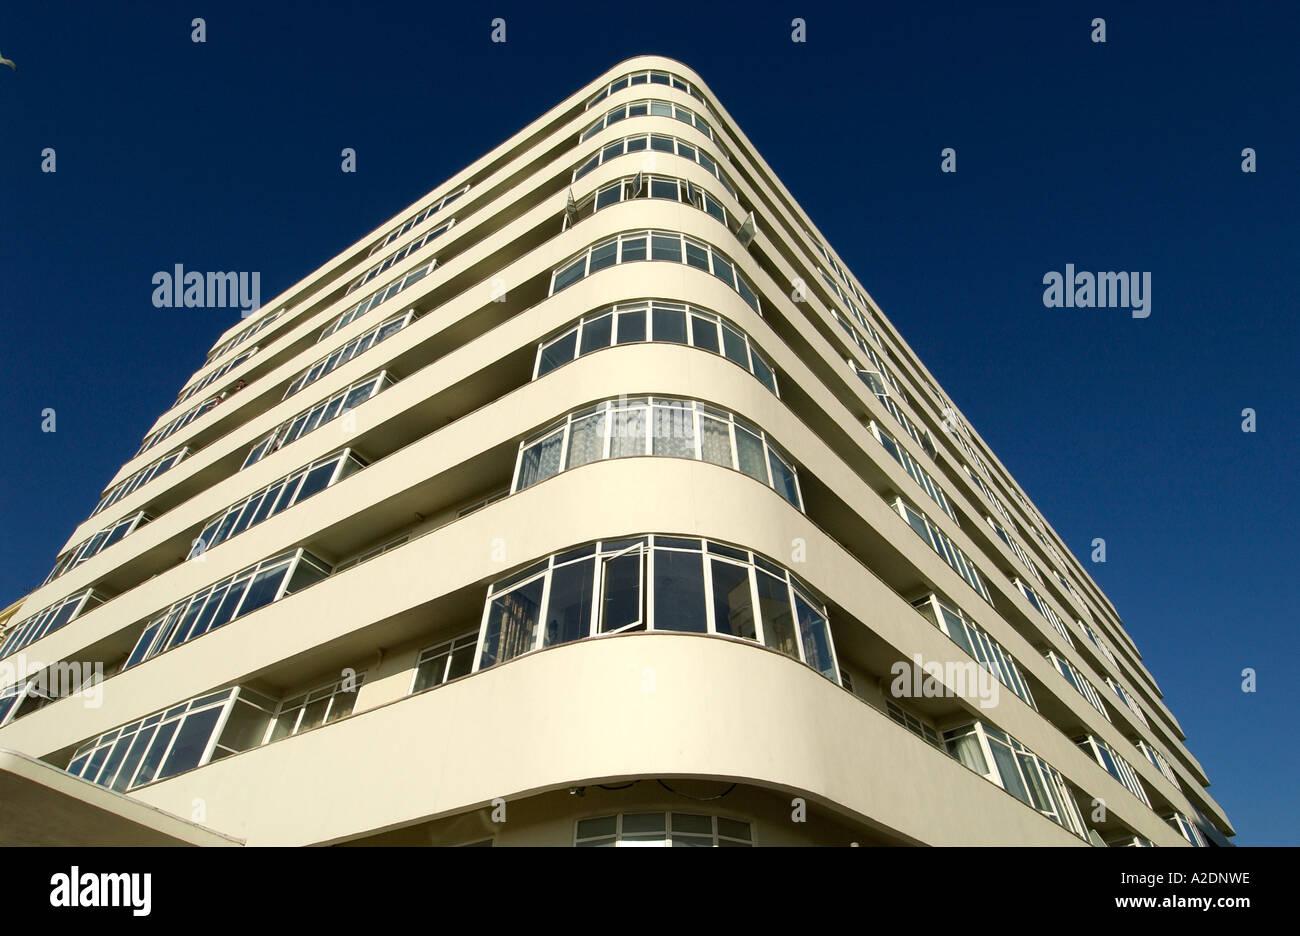 O recentemente restaurado edifício de apartamentos em estilo Art Deco Embassy Tribunal Brighton Imagens de Stock